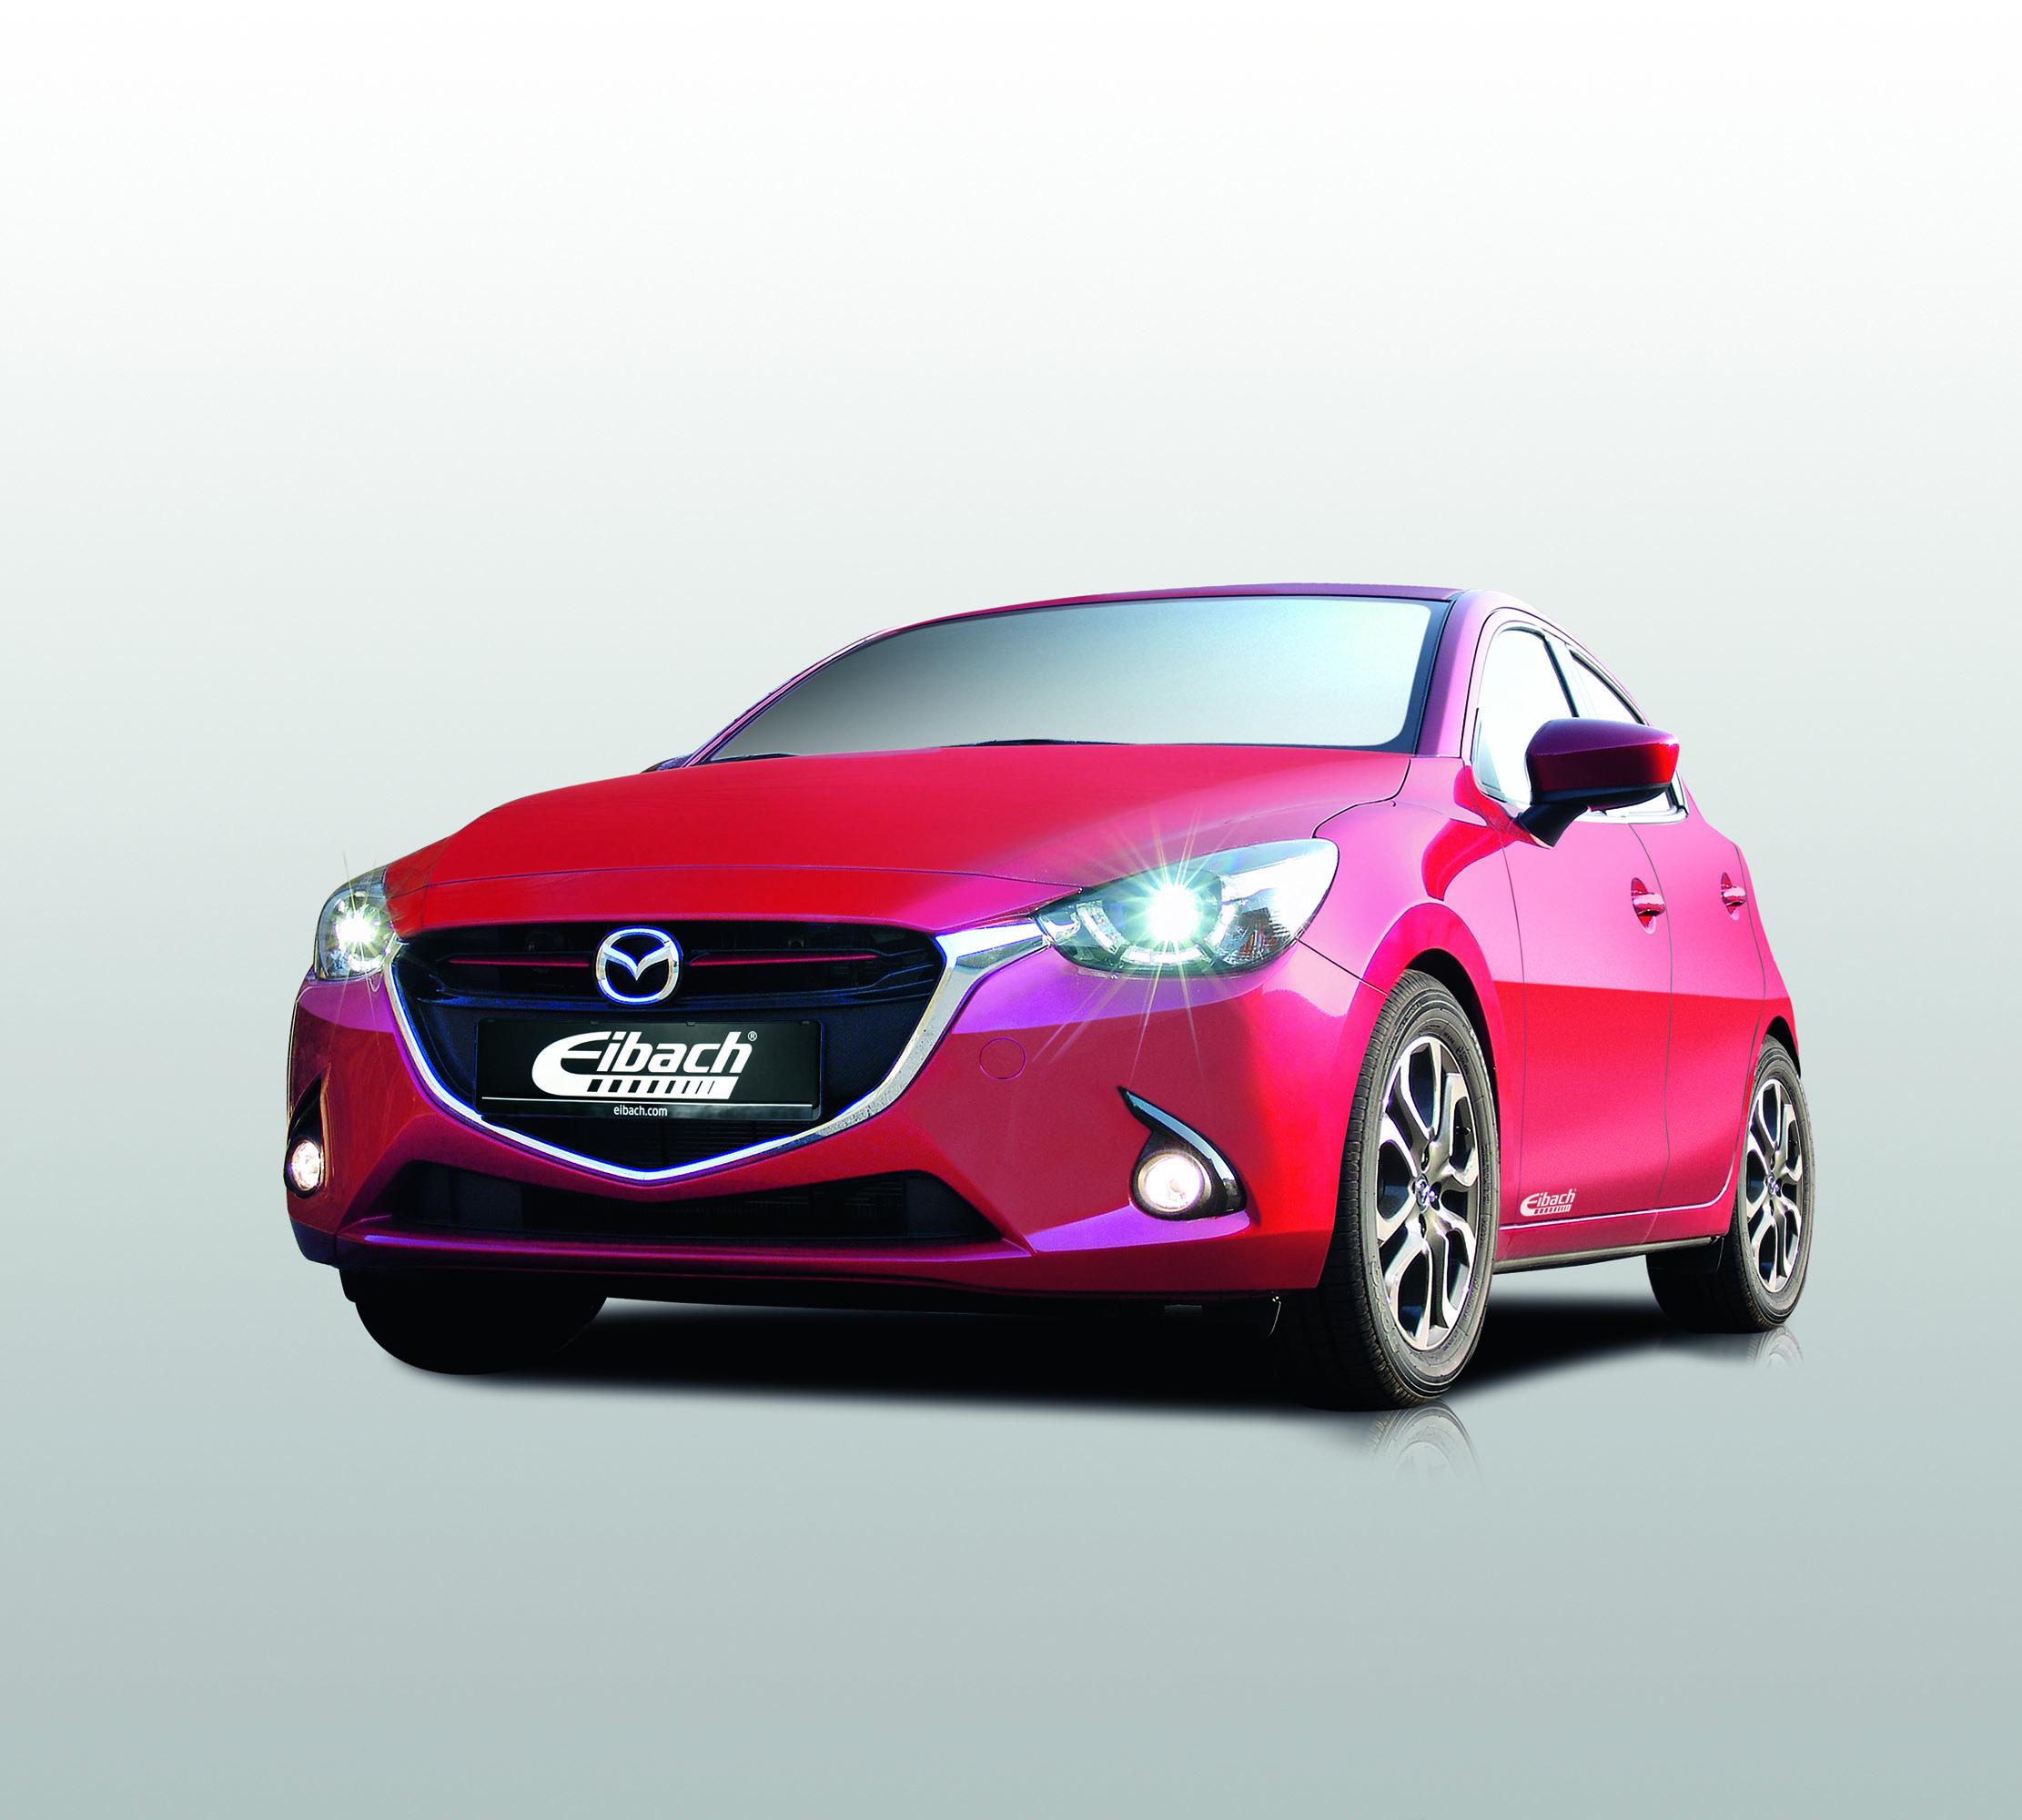 Eibach Mazda 2 photo #1